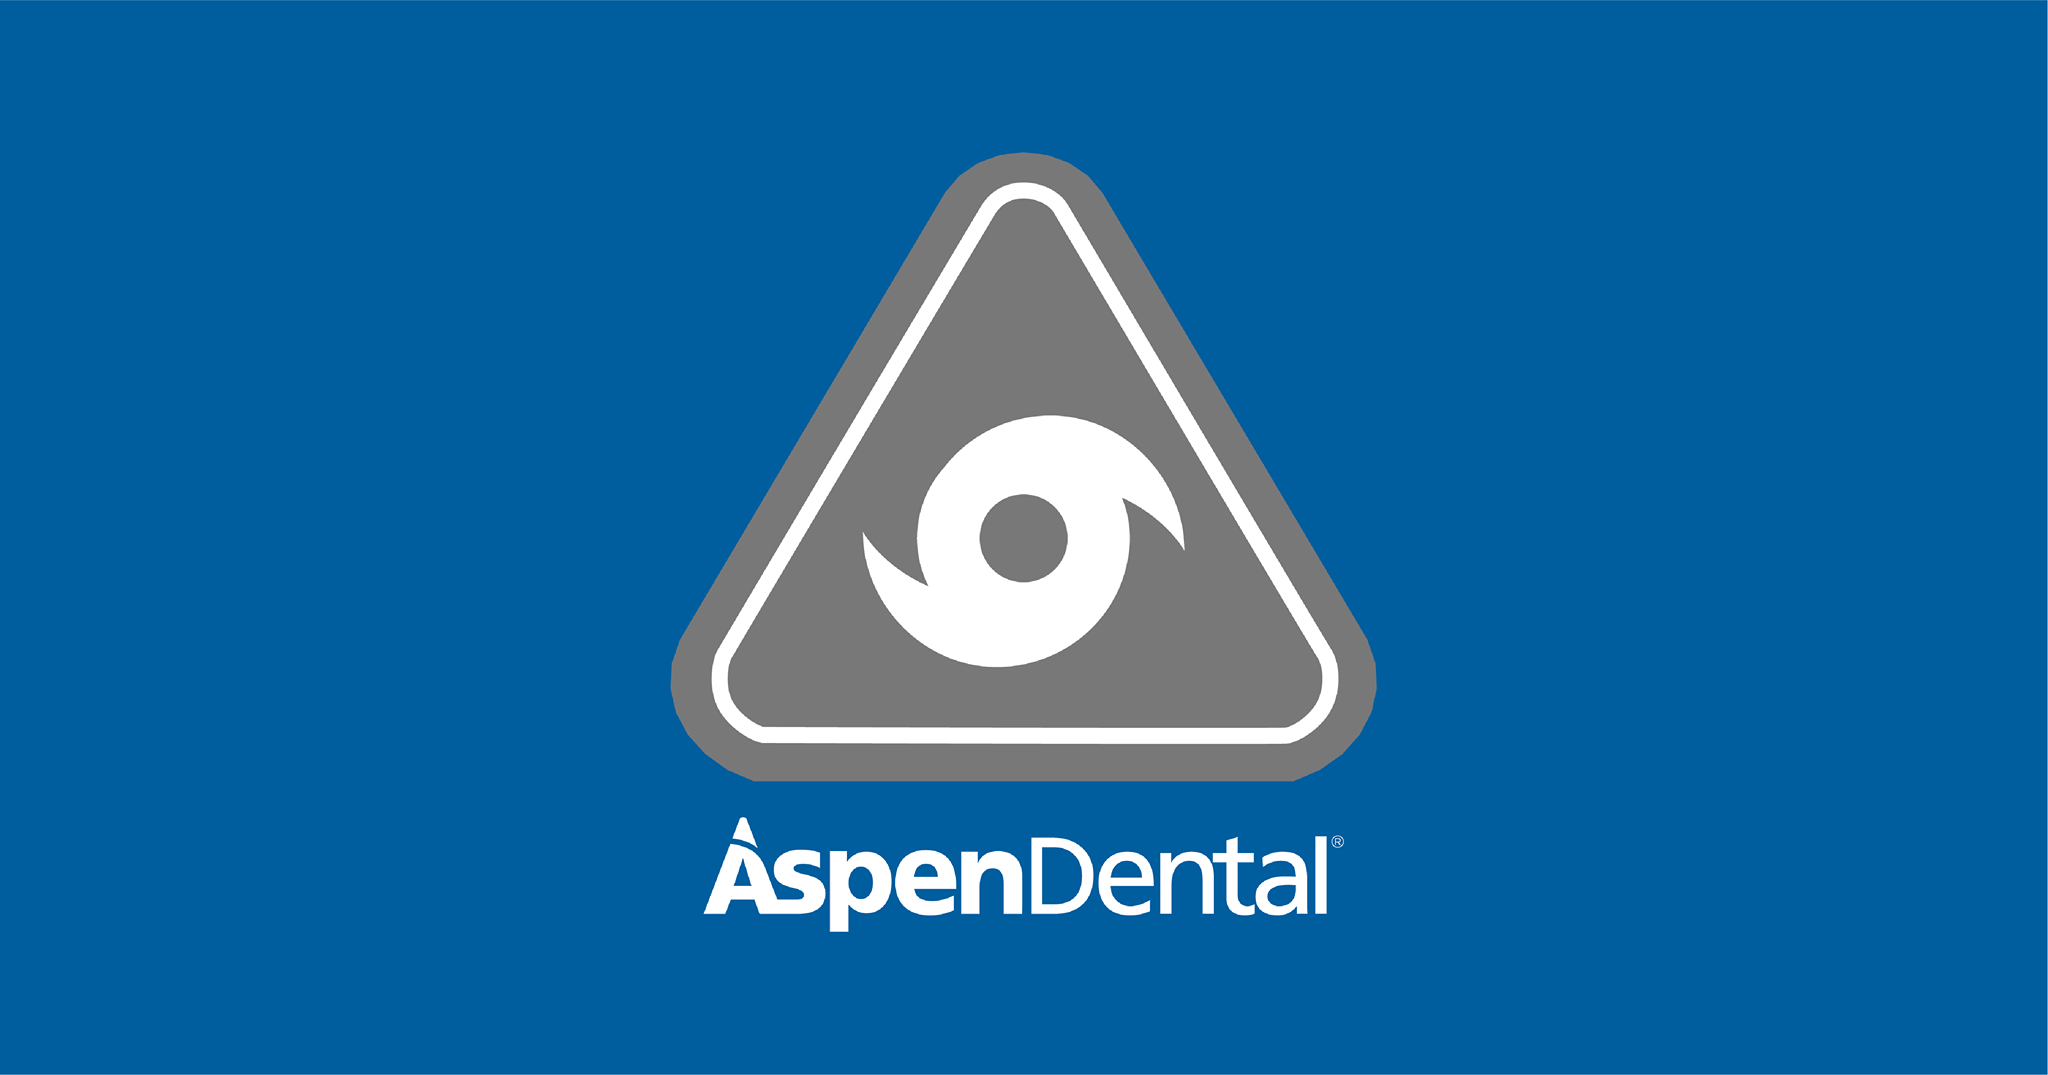 Aspen Dental 2051 Sam Rittenberg Blvd Ste A, Charleston